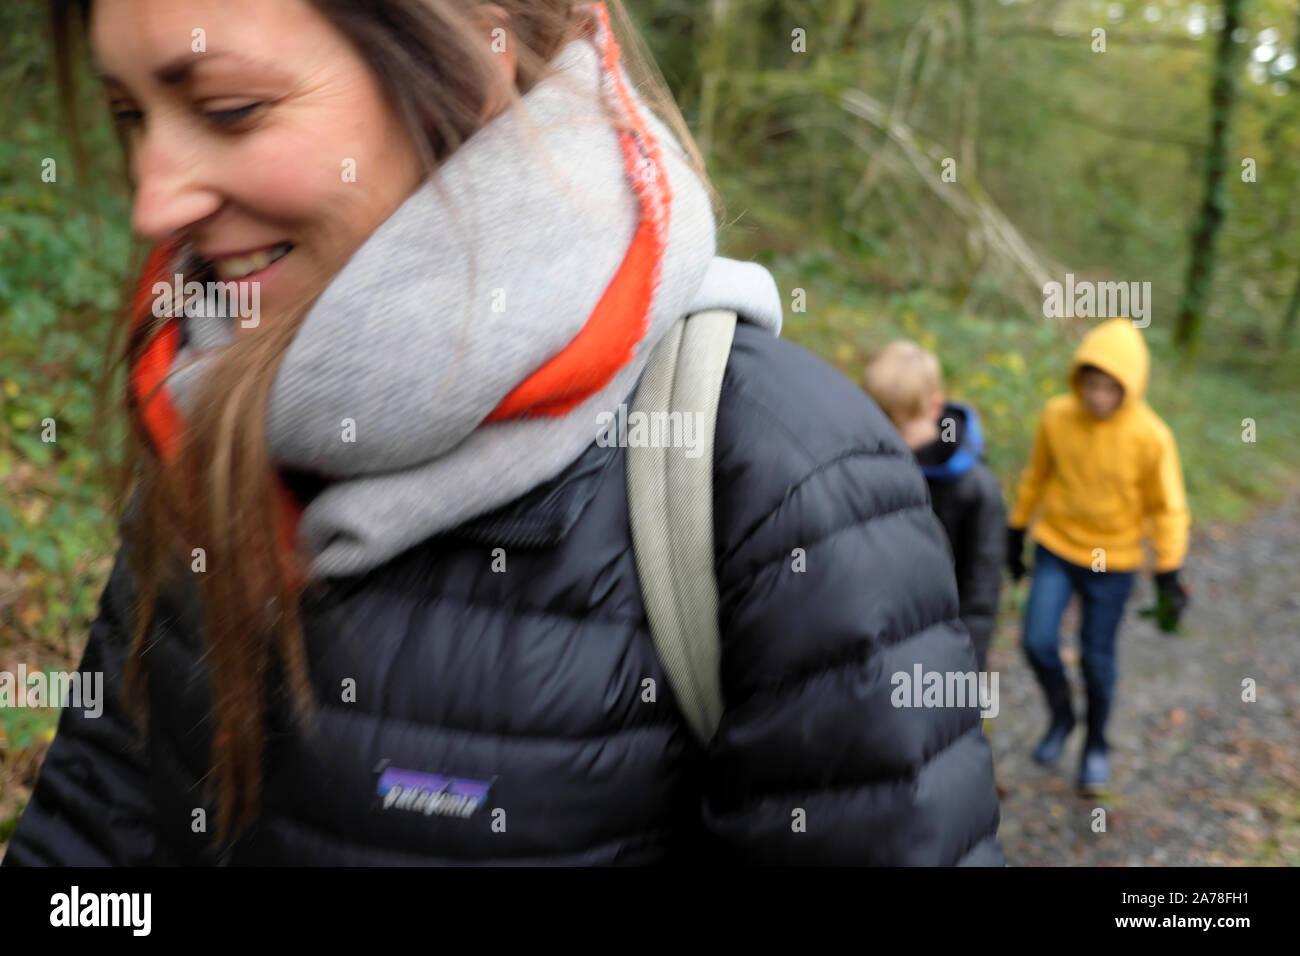 Famiglia bambini passeggiate in campagna a metà termine rottura in autunno in Carmarthenshire Wales UK KATHY DEWITT Foto Stock